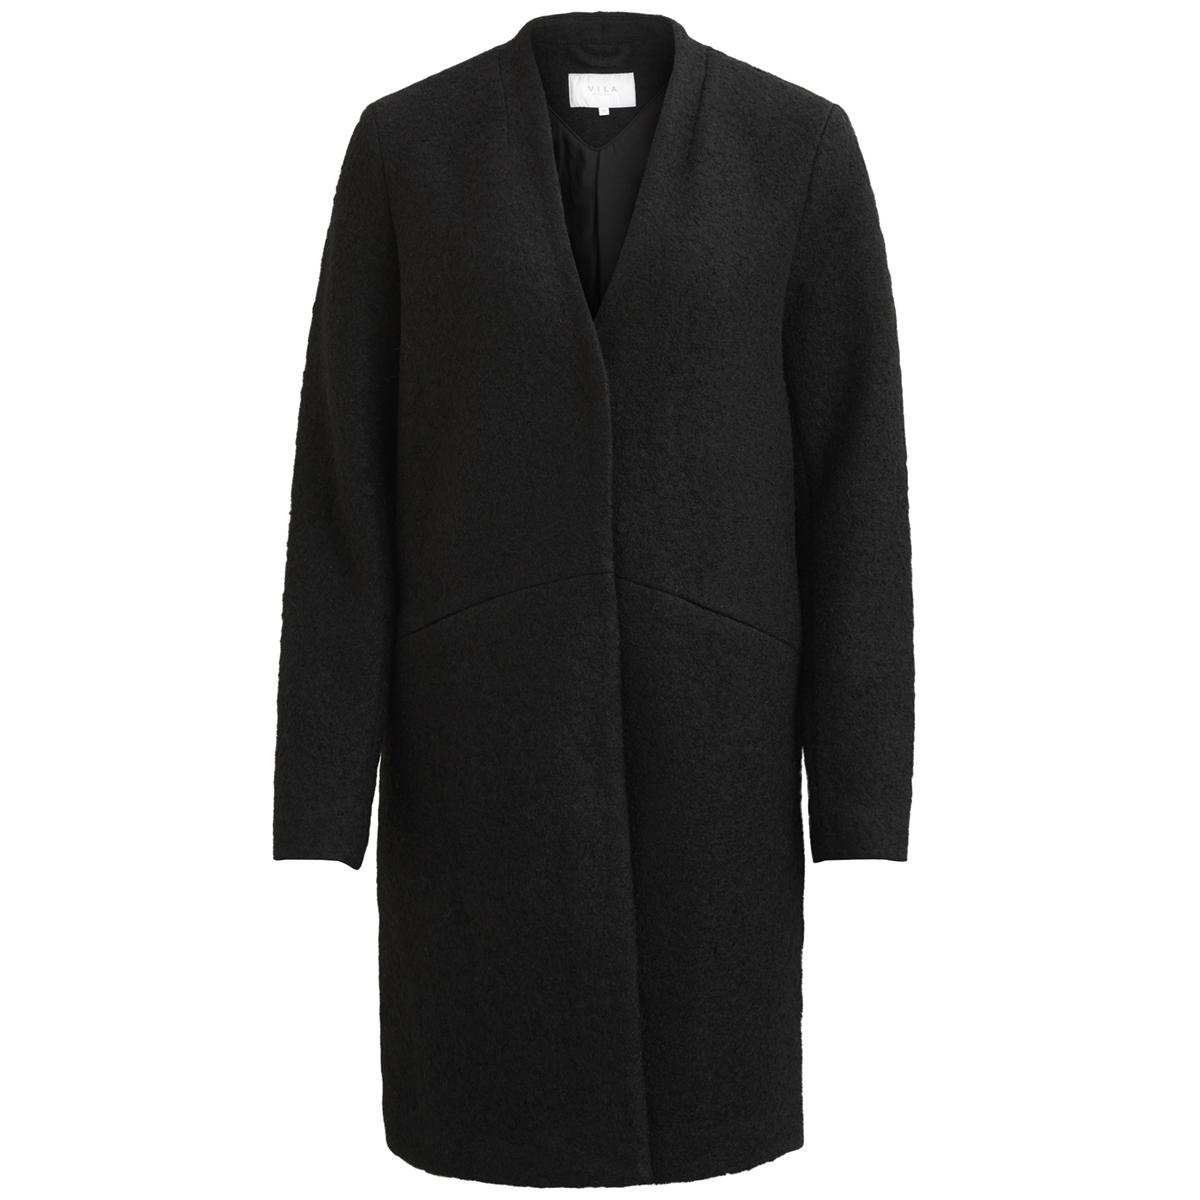 Пальто прямого покроя с V-образным вырезомОписание:Теплое пальто отличного покроя для всех женщин - просто незаменимо . Потайная застежка на пуговицы и невидимые карманы подчеркивают его безупречный дизайн .Детали •  Длина : средняя •   V-образный вырез • Застежка на пуговицыСостав и уход •  40% шерсти, 60% полиэстера •  Следуйте рекомендациям по уходу, указанным на этикетке изделия<br><br>Цвет: черный<br>Размер: L.M.S